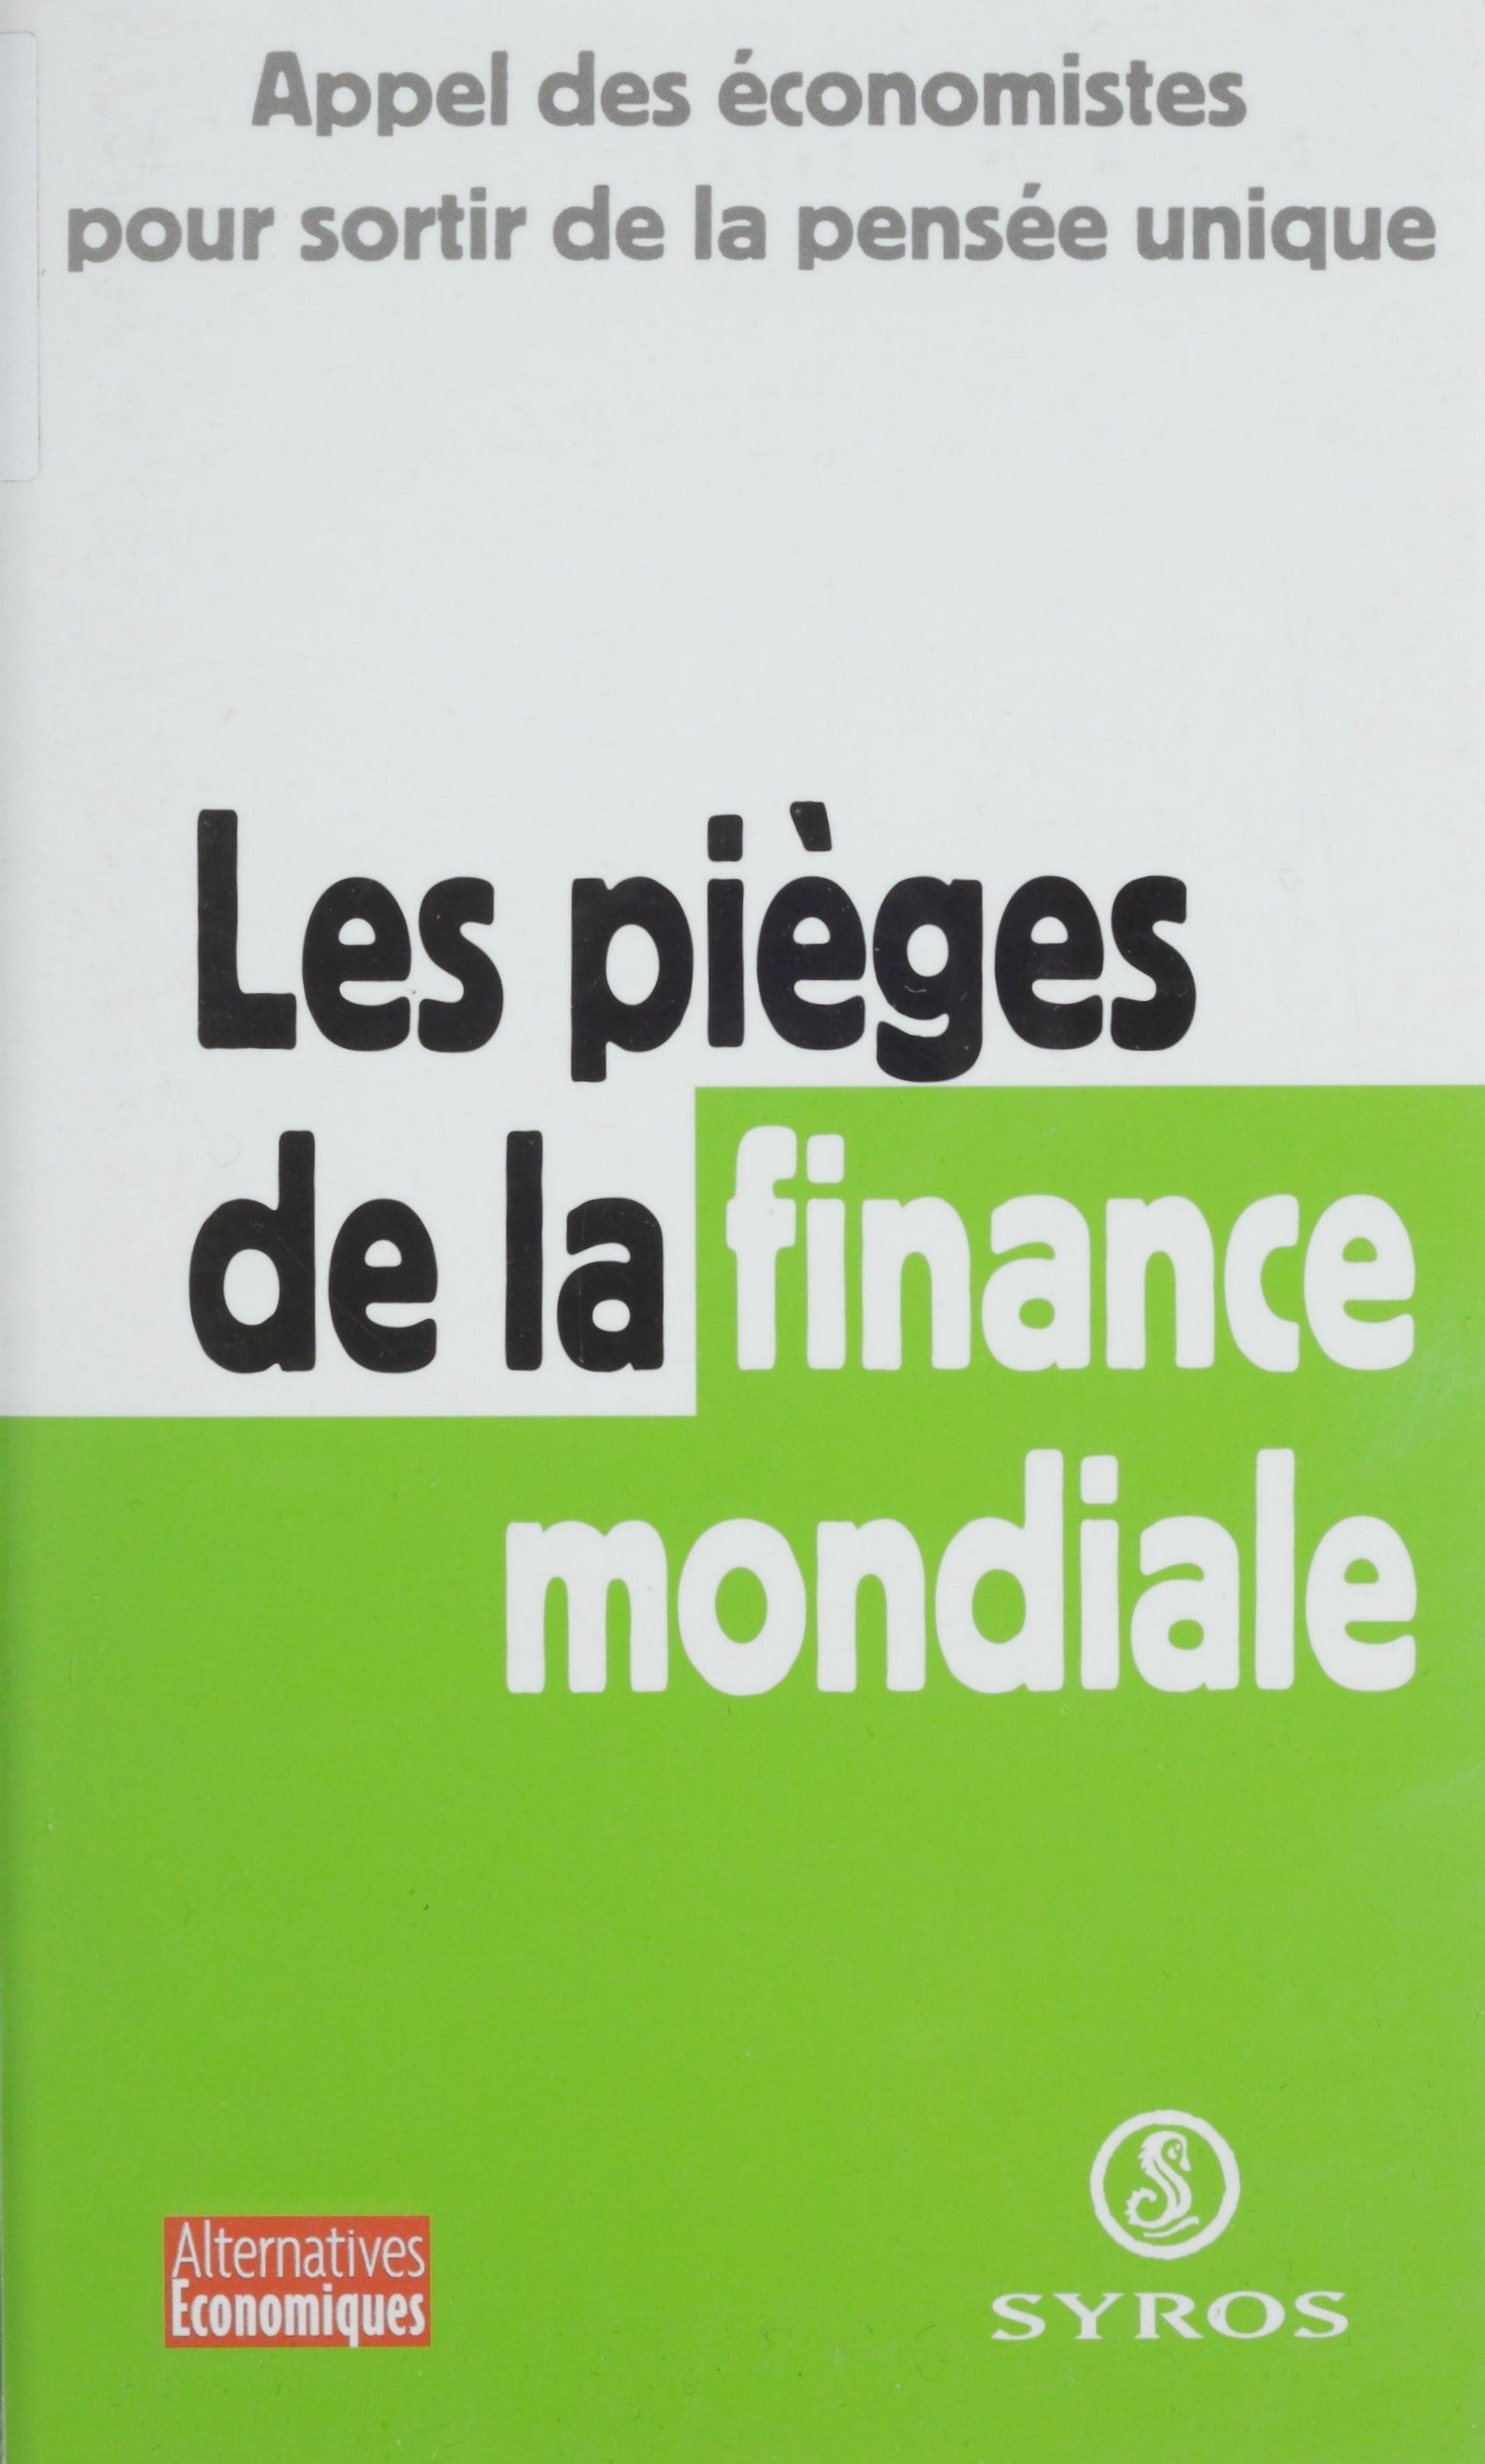 Les pièges de la finance mondiale